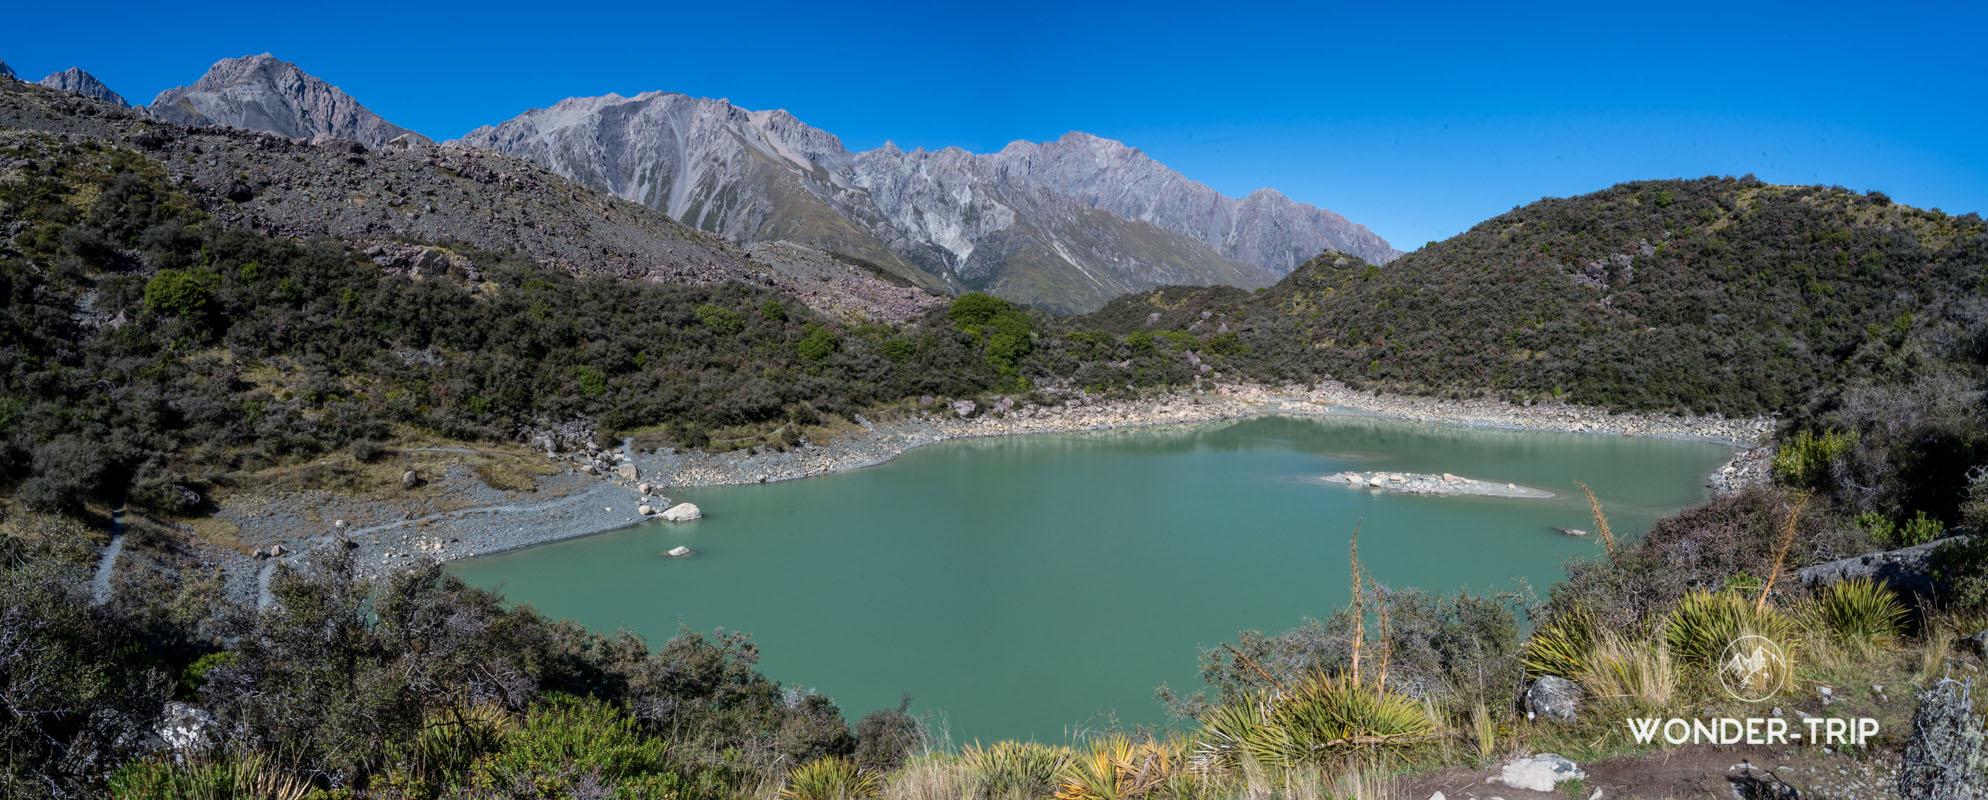 Mont cook - Tasman glacier - Blue lakes